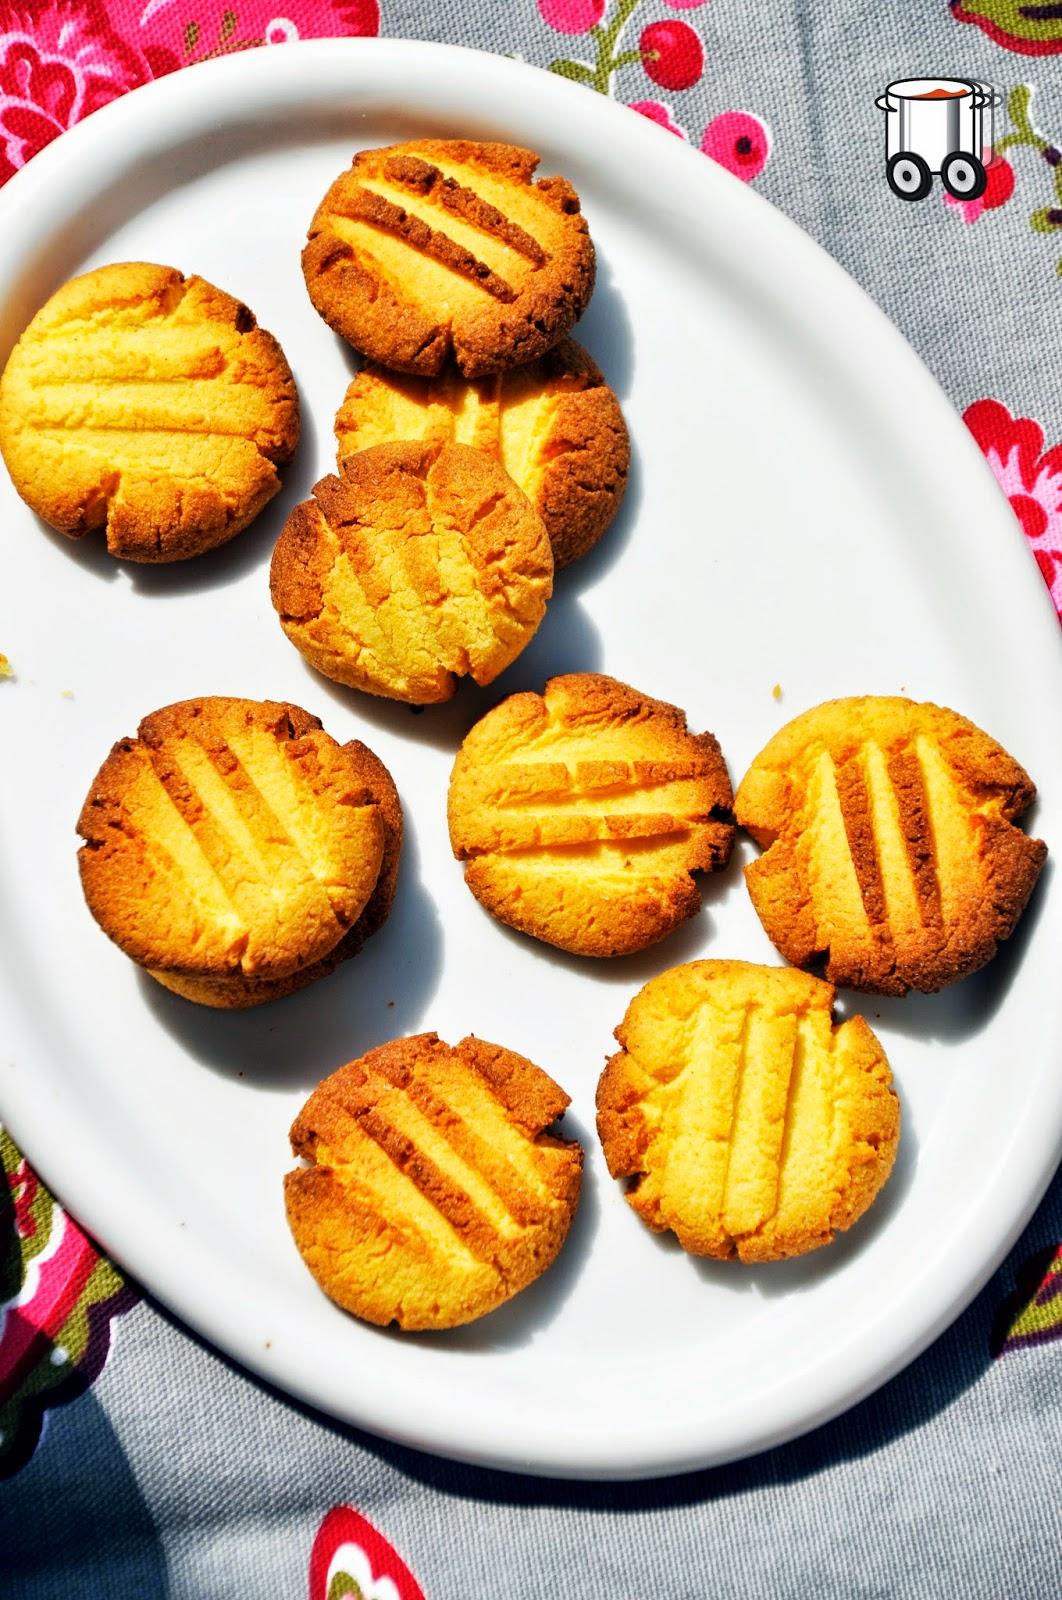 Szybko Tanio Smacznie - Ciasteczka marcepanowe